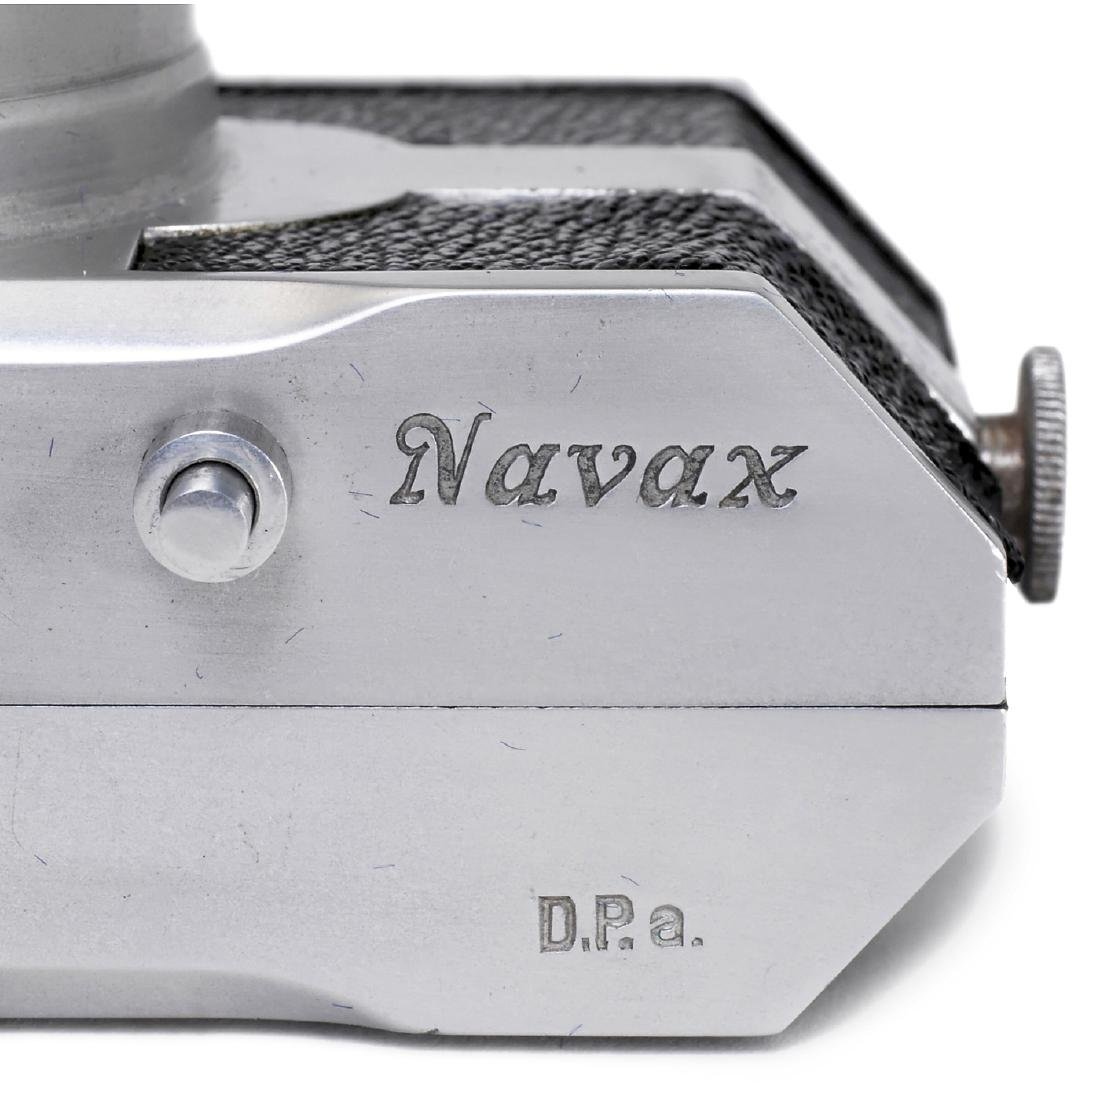 Navax (D.P.a.), 1952 - 2